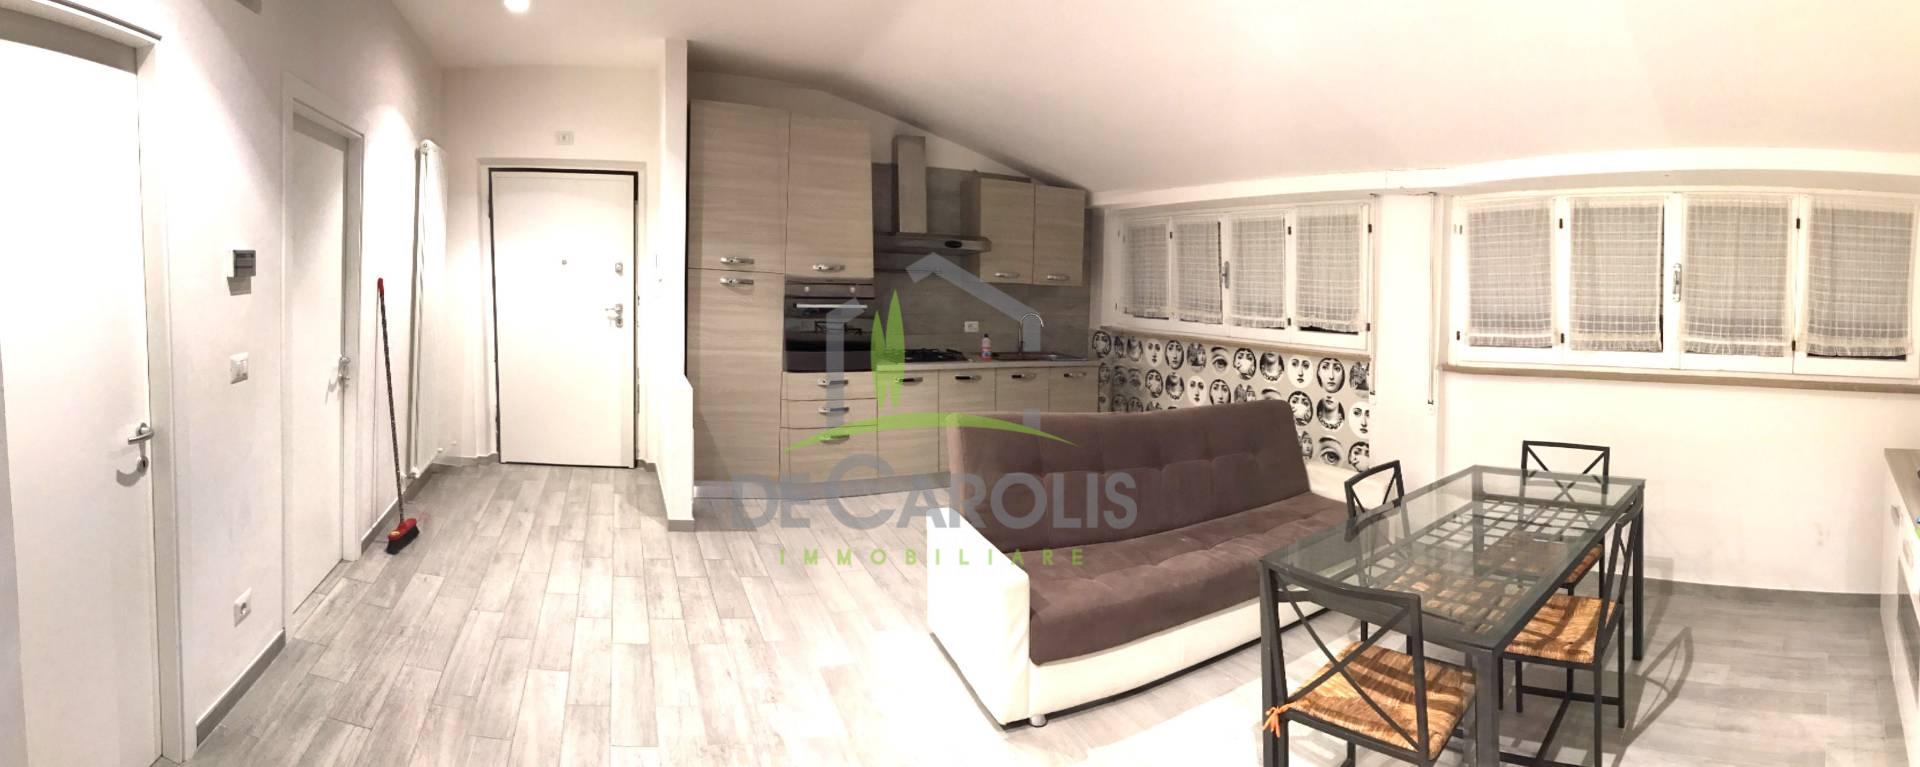 Appartamento in vendita a Sant'Egidio alla Vibrata, 4 locali, zona Zona: Paolantonio, prezzo € 85.000 | CambioCasa.it